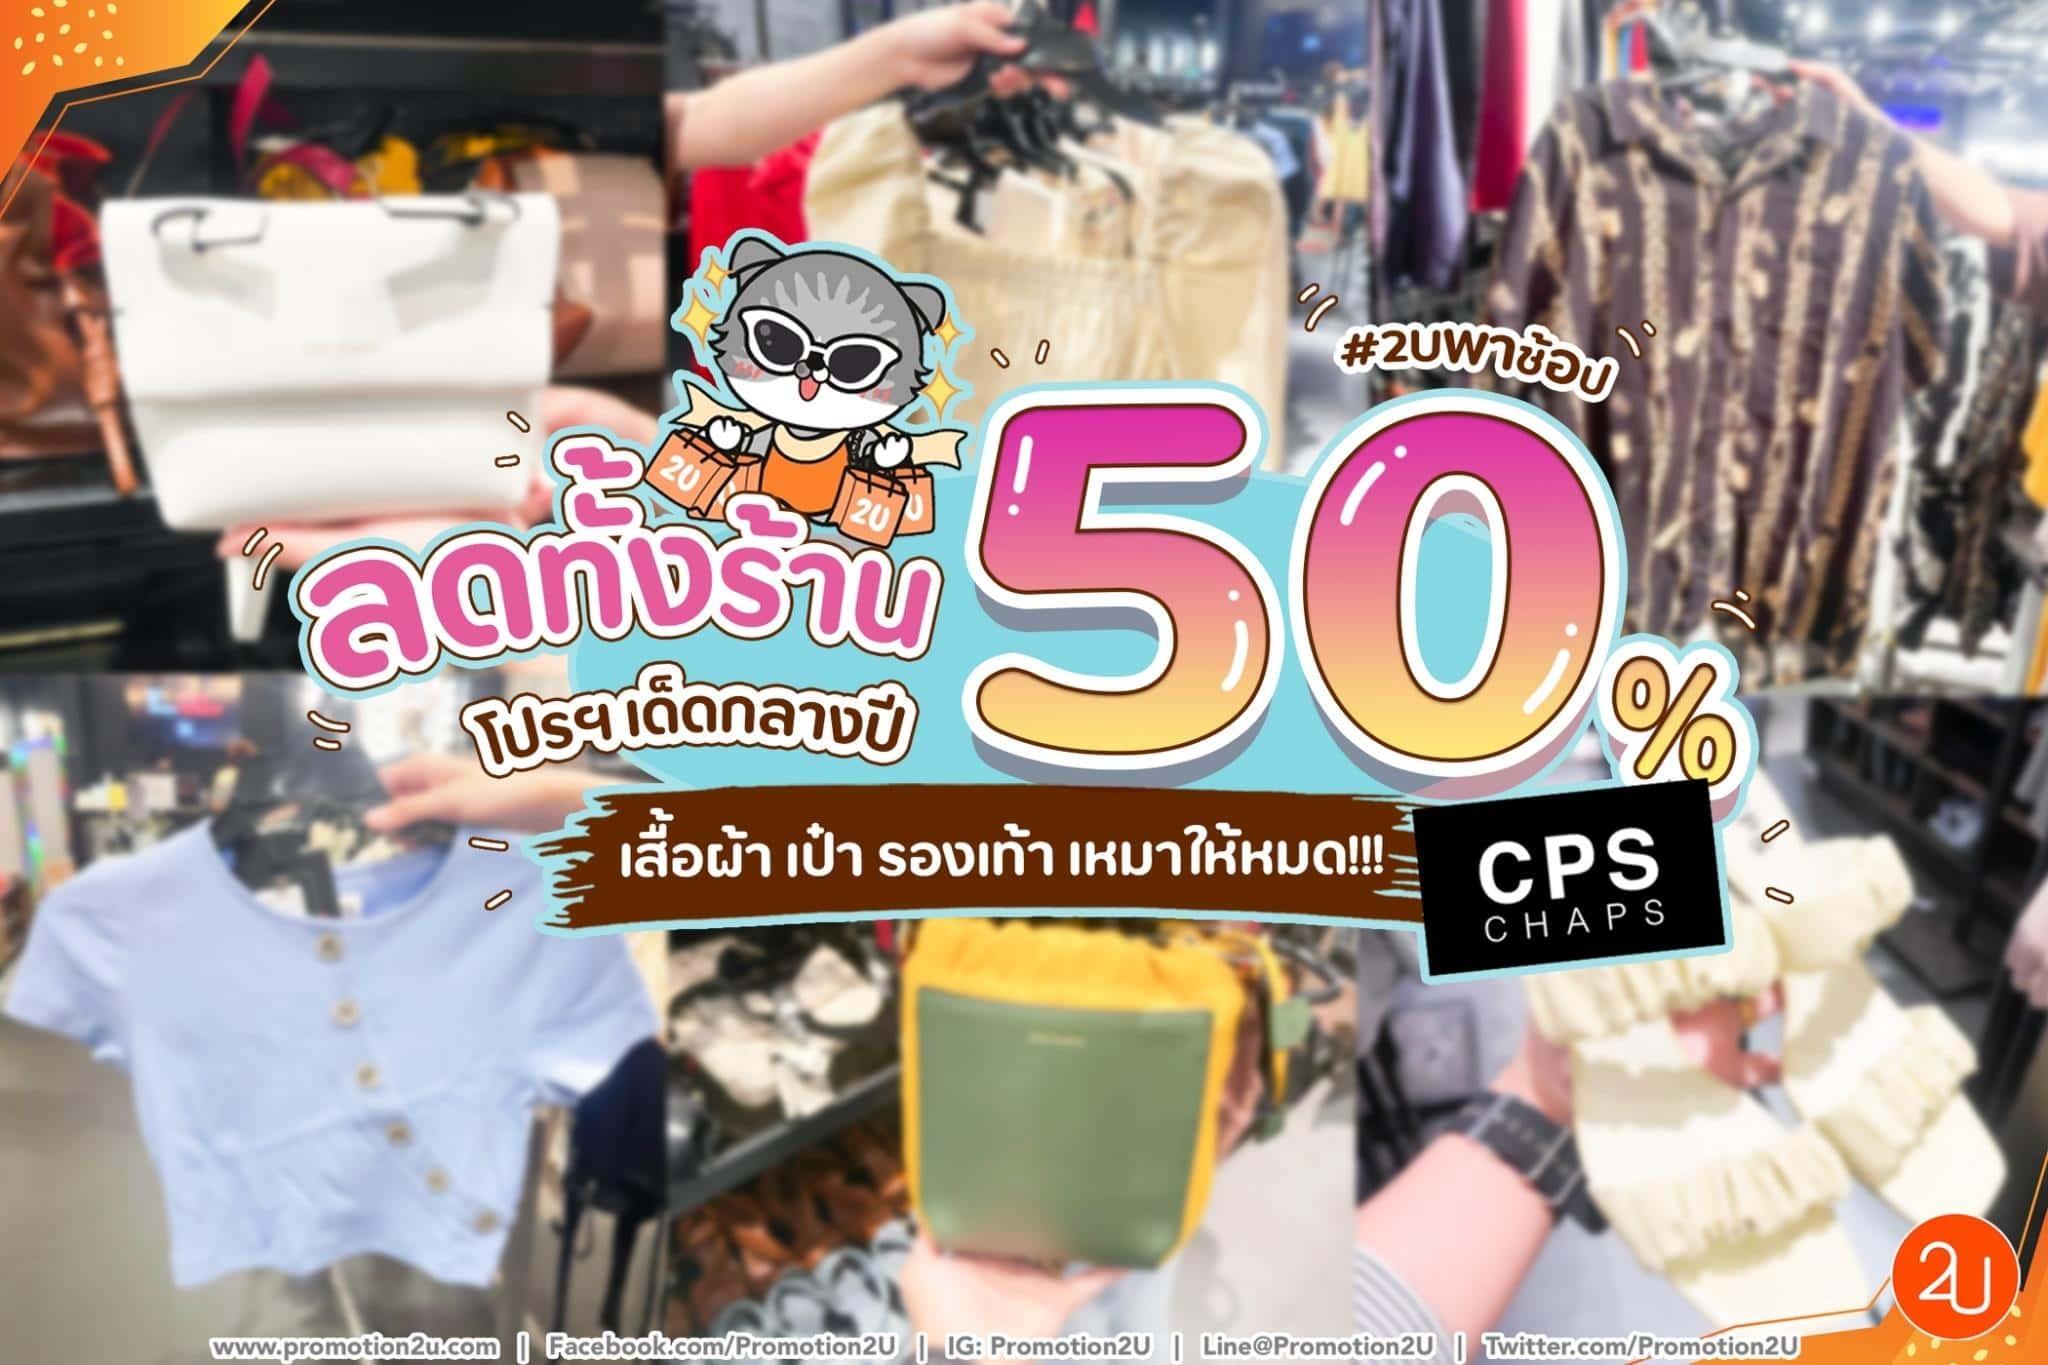 ลดแหลกกลางปี CPS จัดโปรฯ ลดทั้งร้าน 50% เกียมตังค์ช้อปด่วน!!